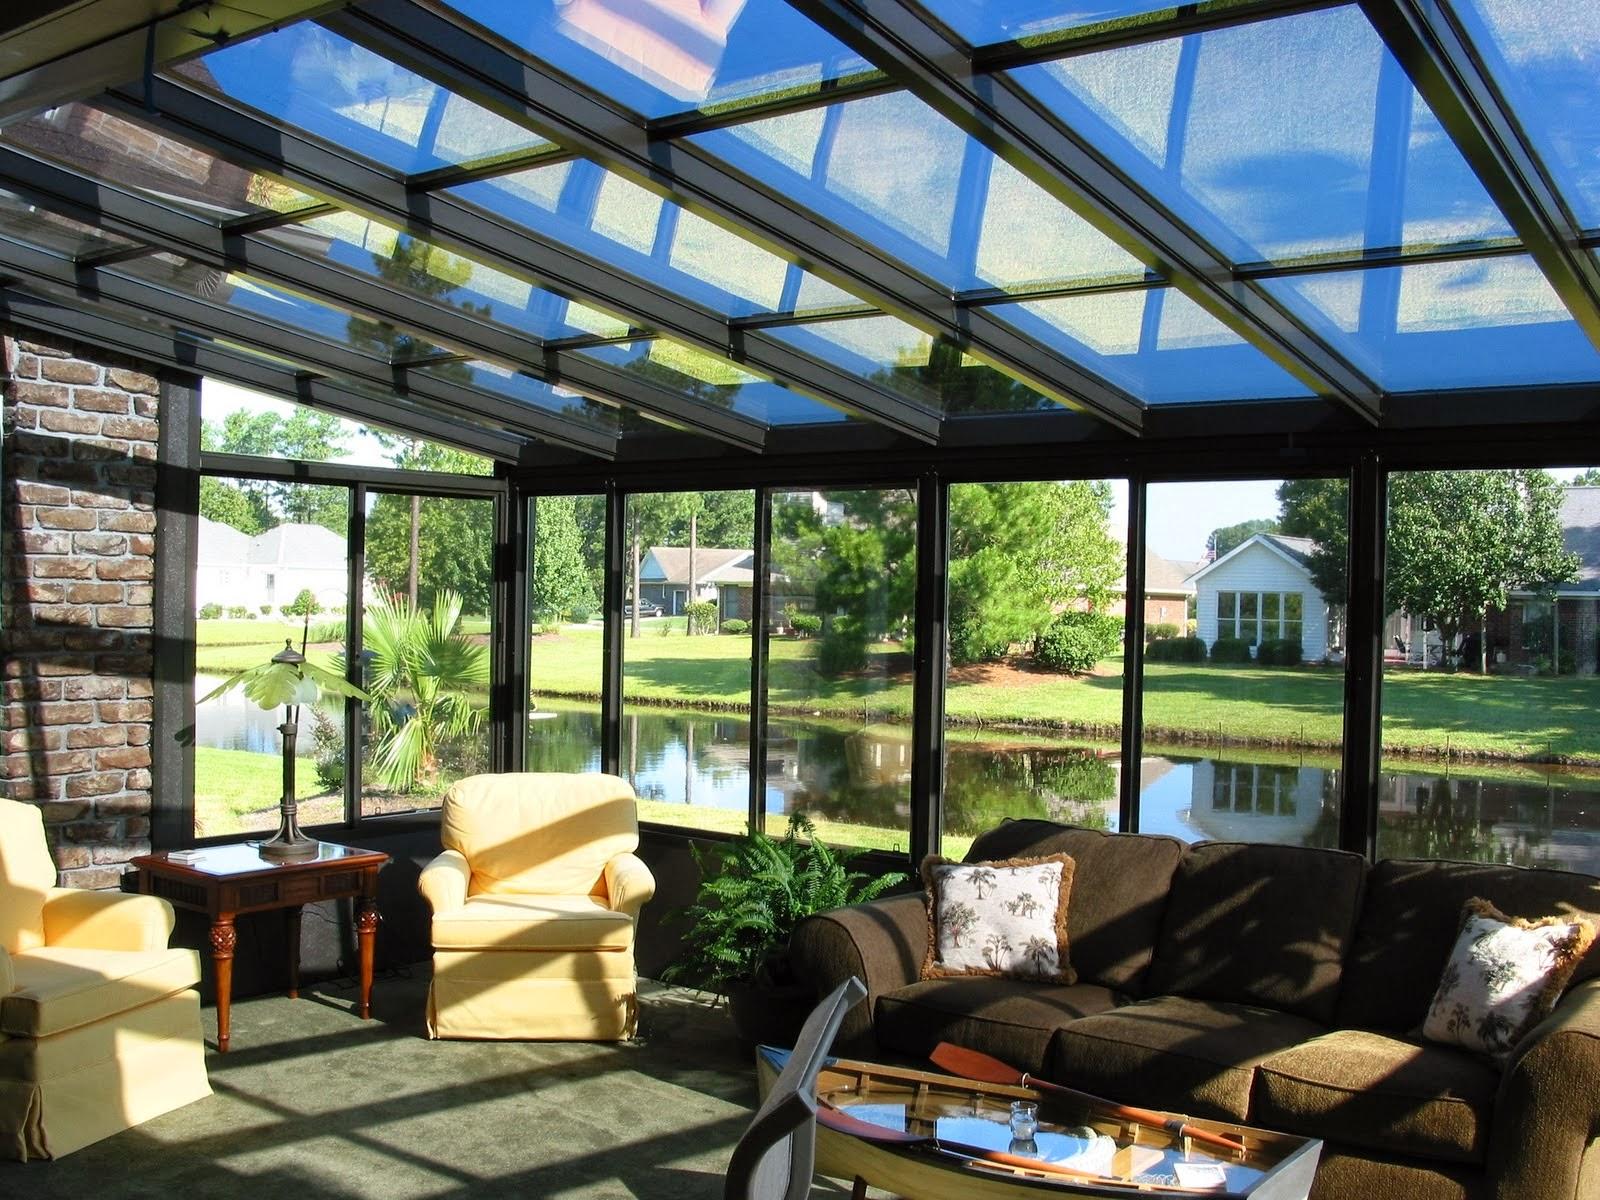 Vidros de Controle Solar beneficie se desse recurso em sua casa  #2961A2 1600 1200